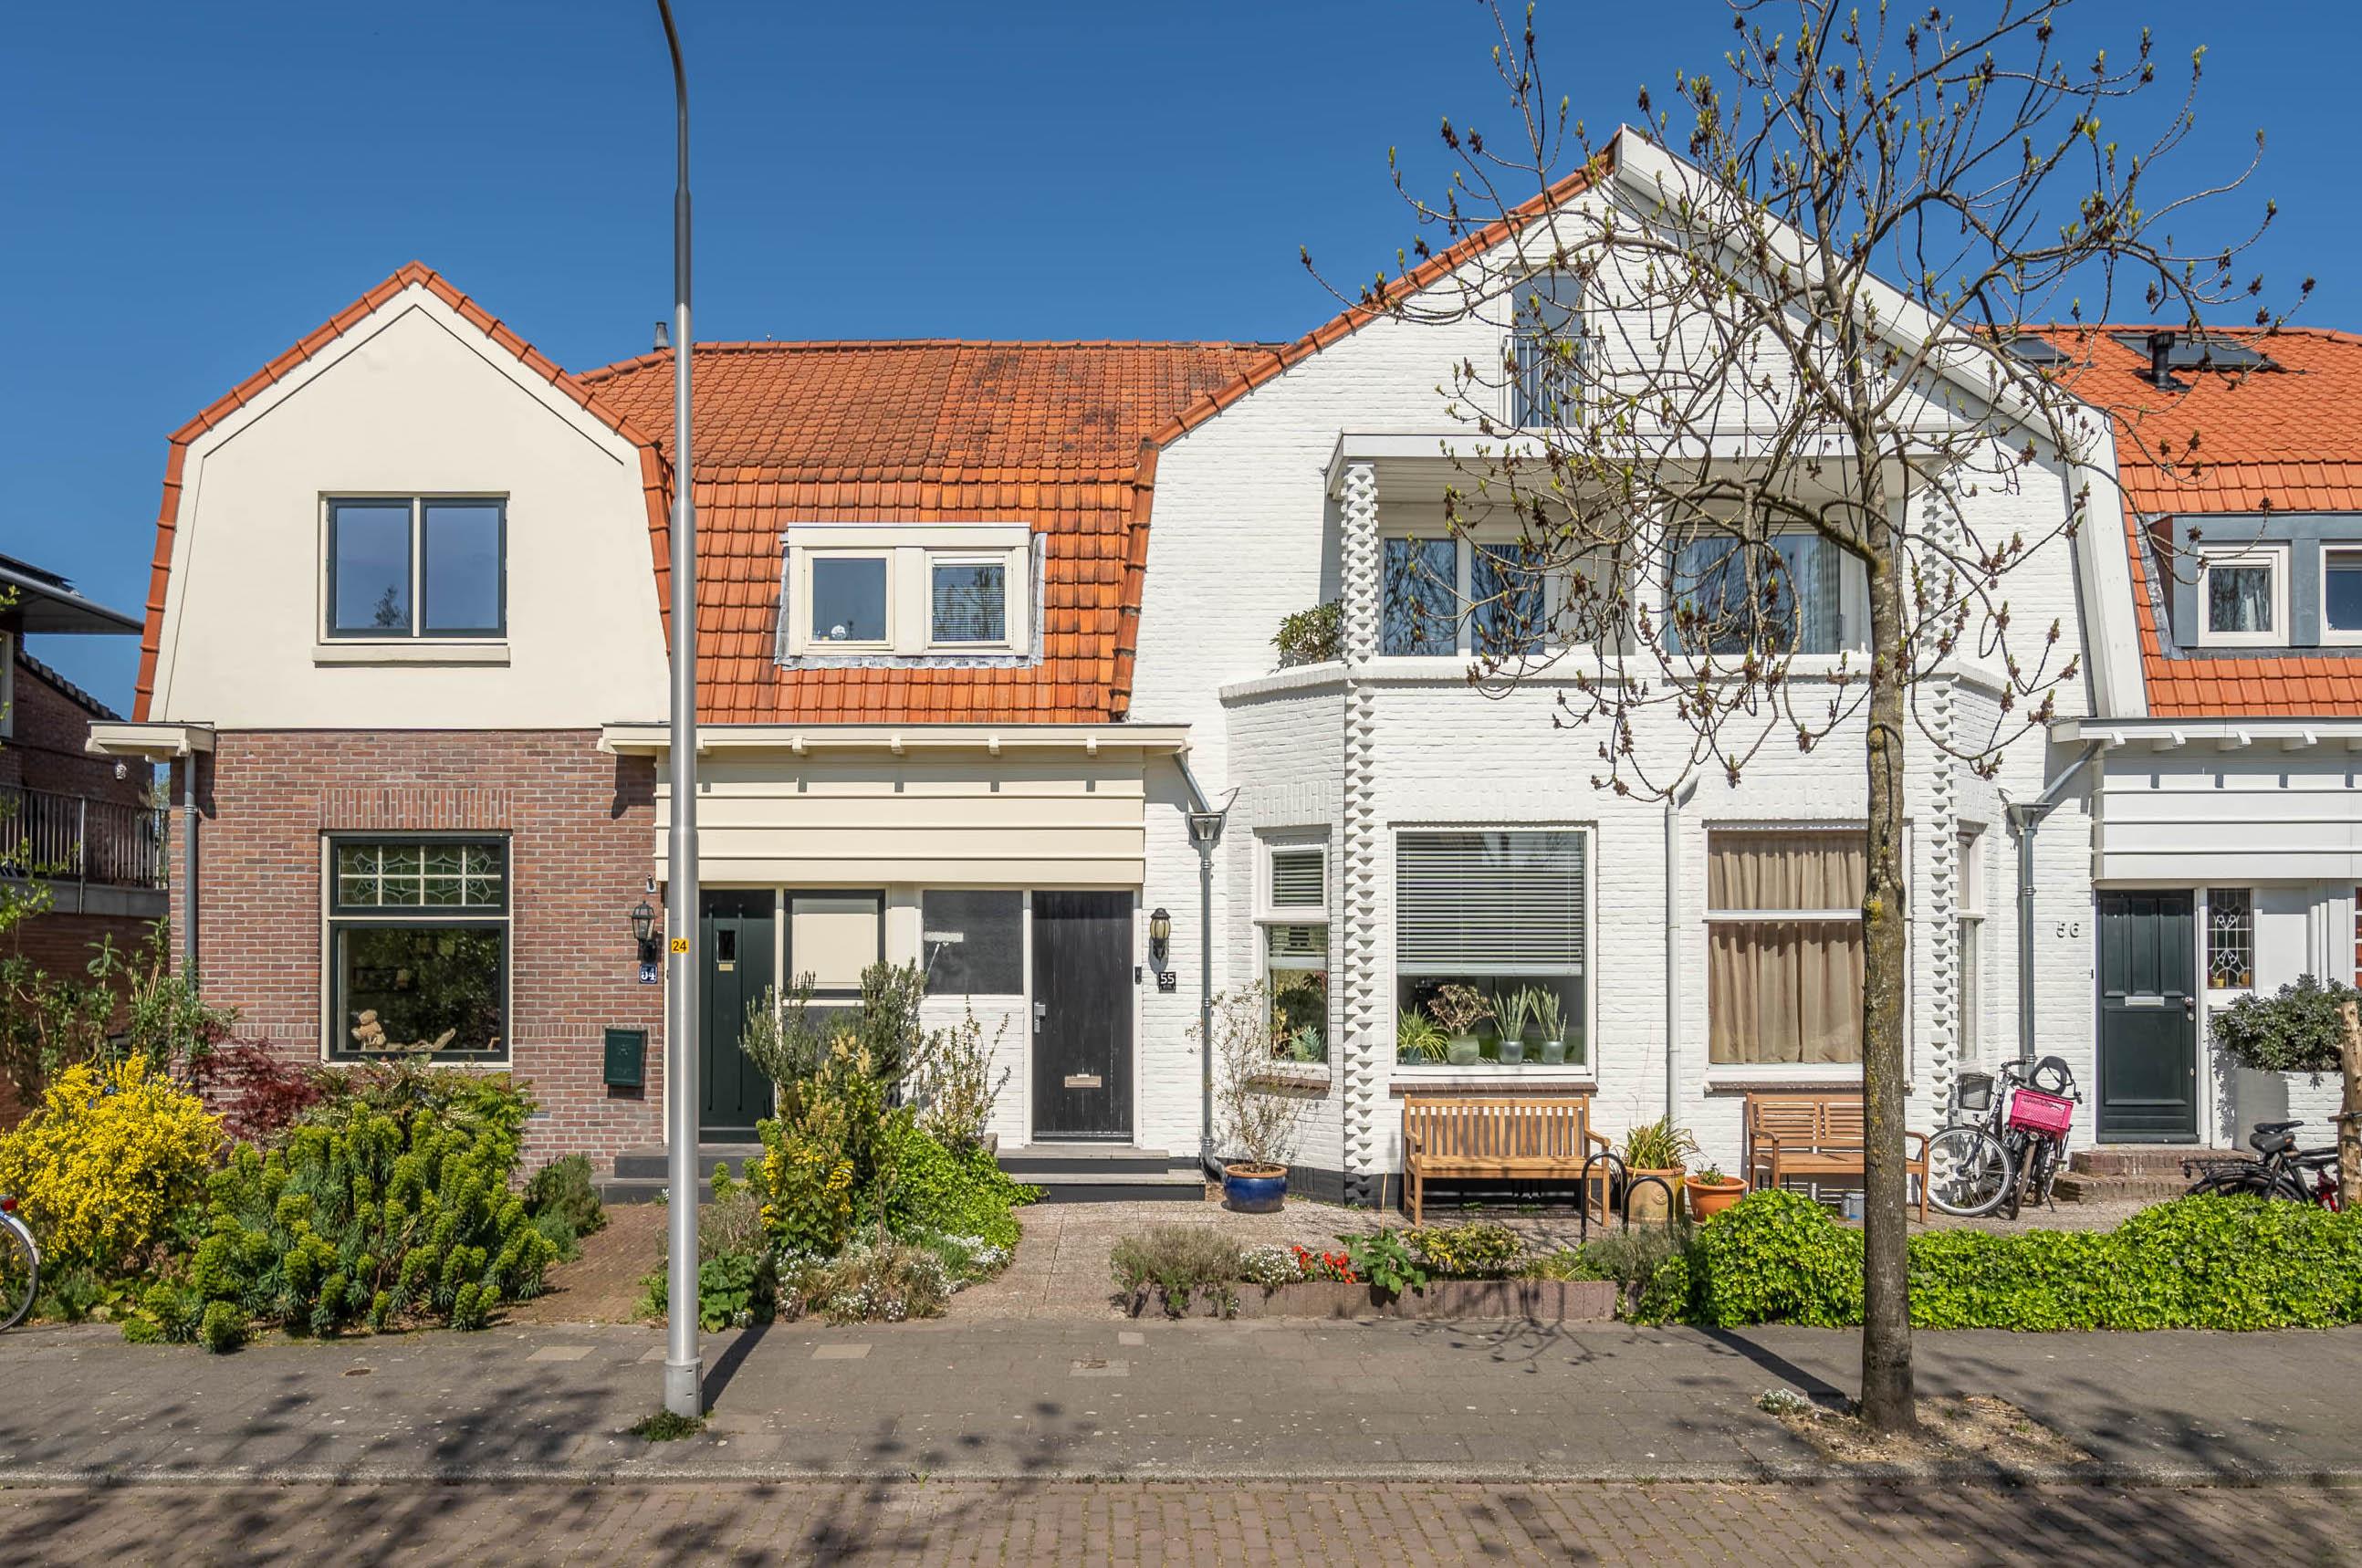 Lunshof makelaars Amstelveen en Amsterdam - Ouderkerkerlaan 55  Amstelveen